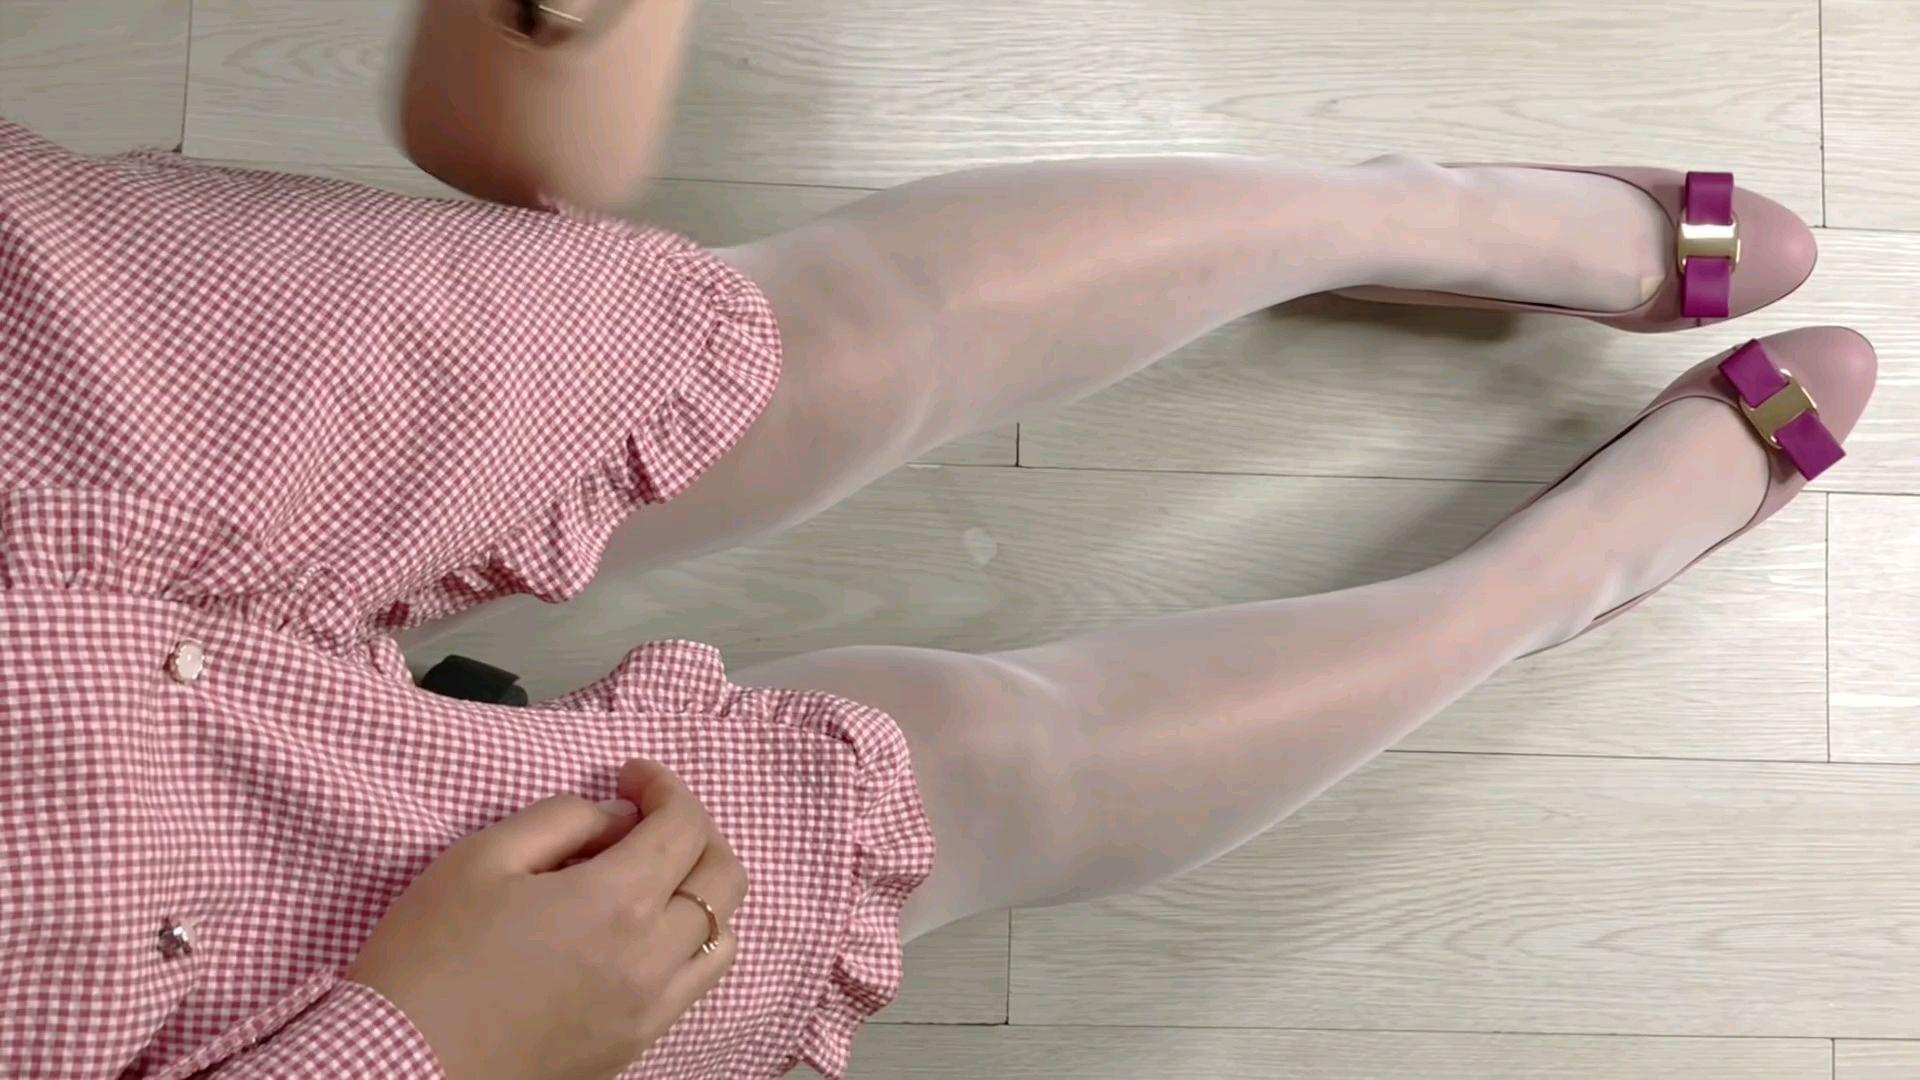 穿出白色丝袜的漂亮方法(ಡωಡ)